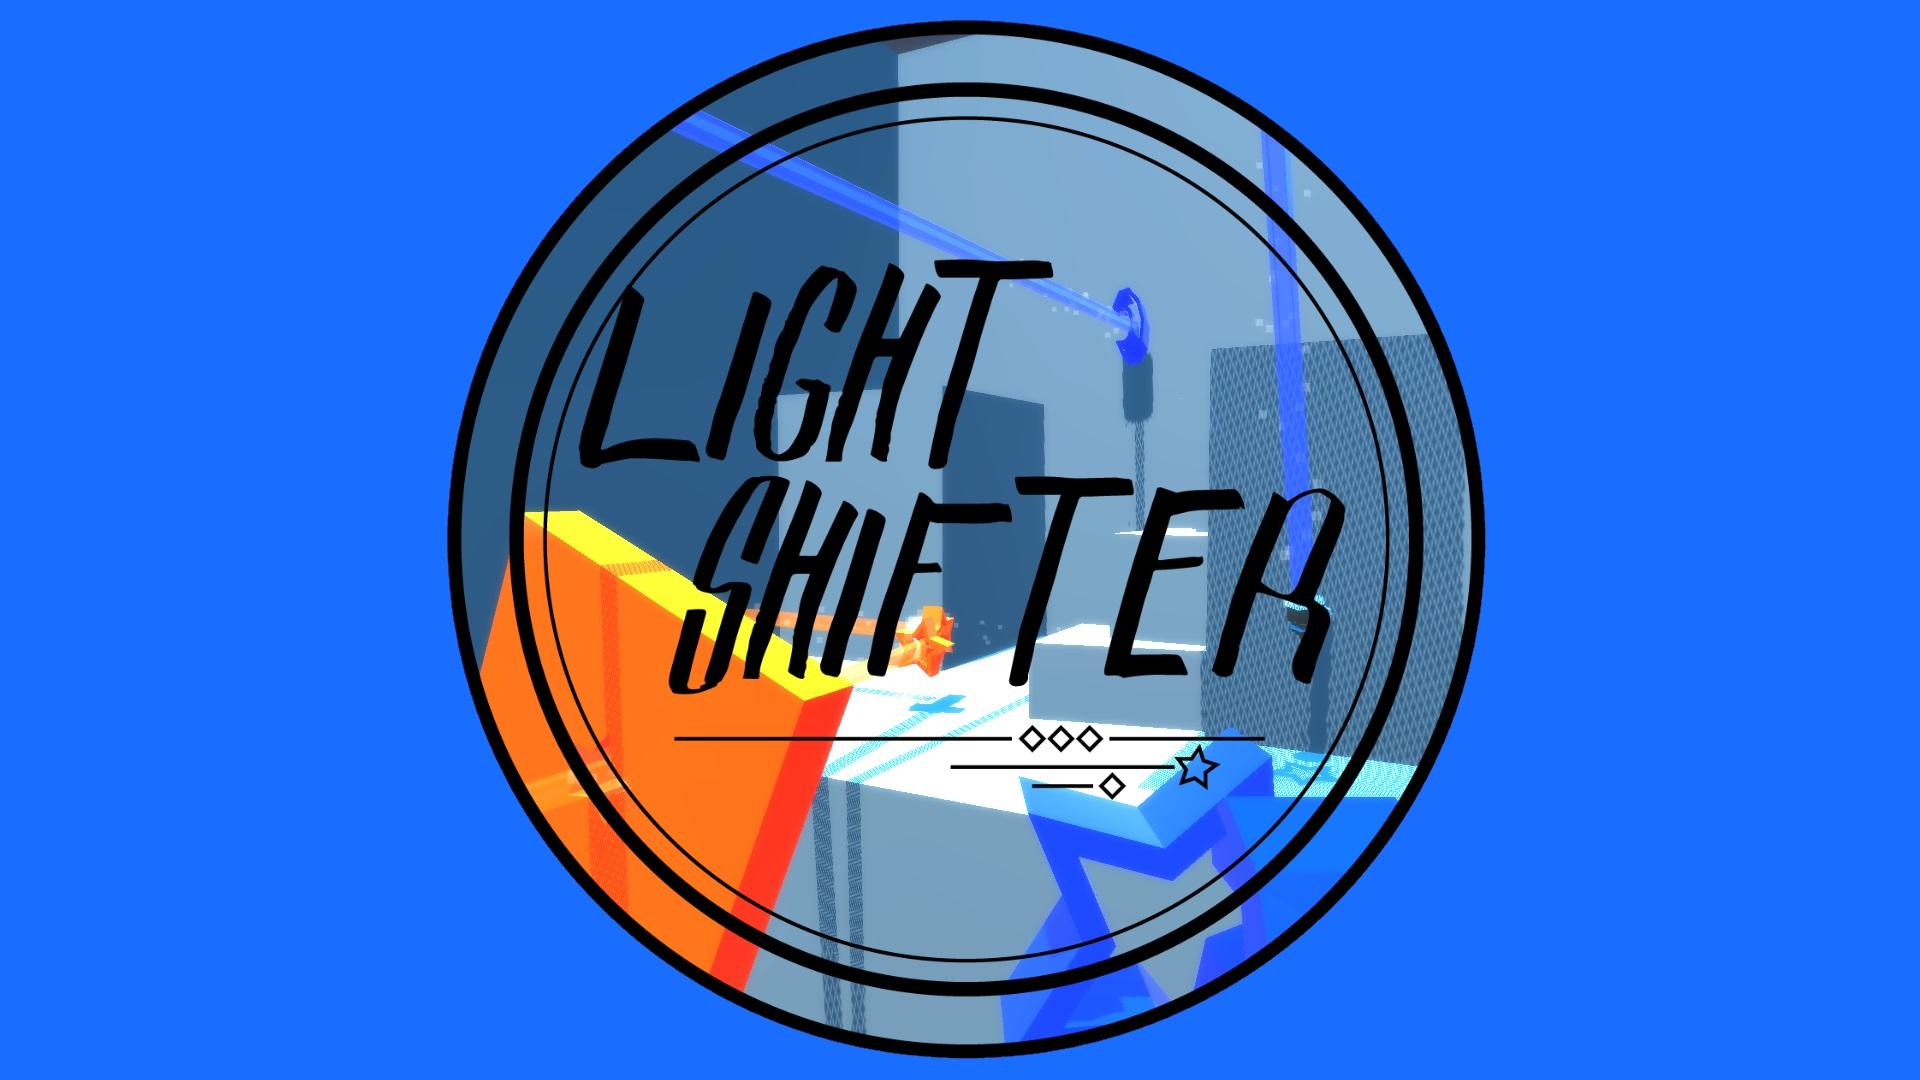 LightShifter